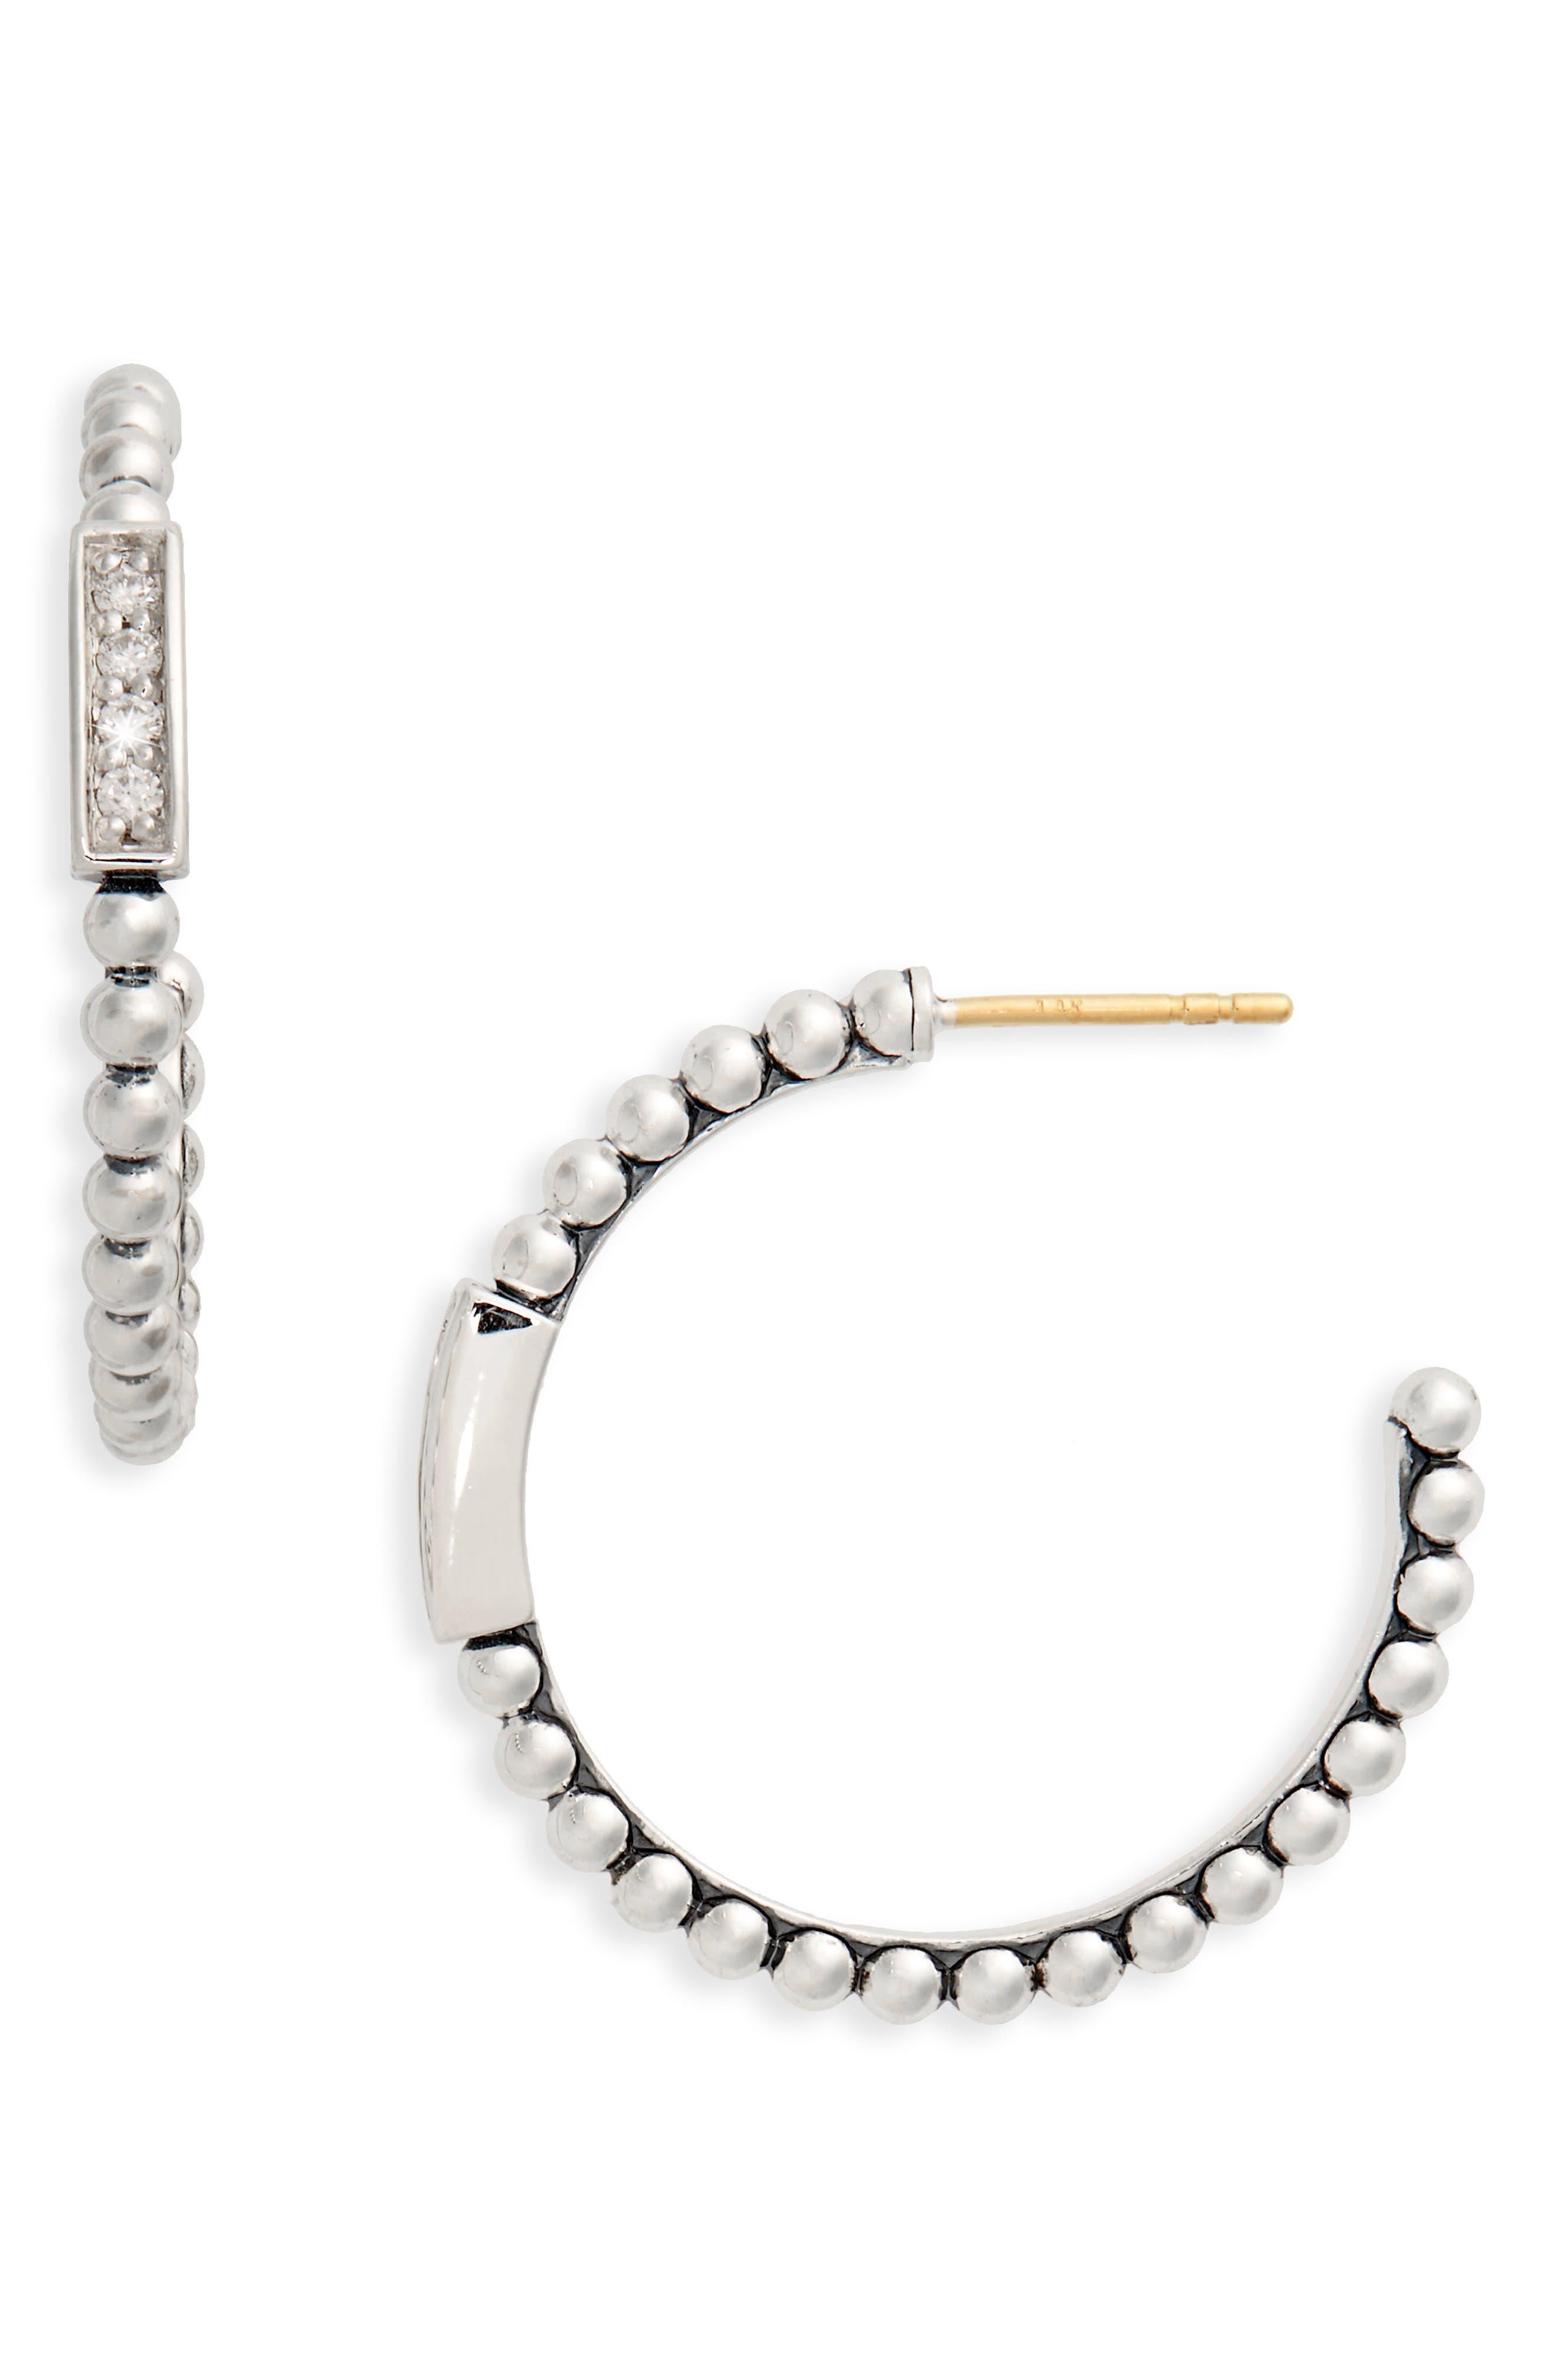 LAGOS Caviar Spark Diamond Hoop Earrings